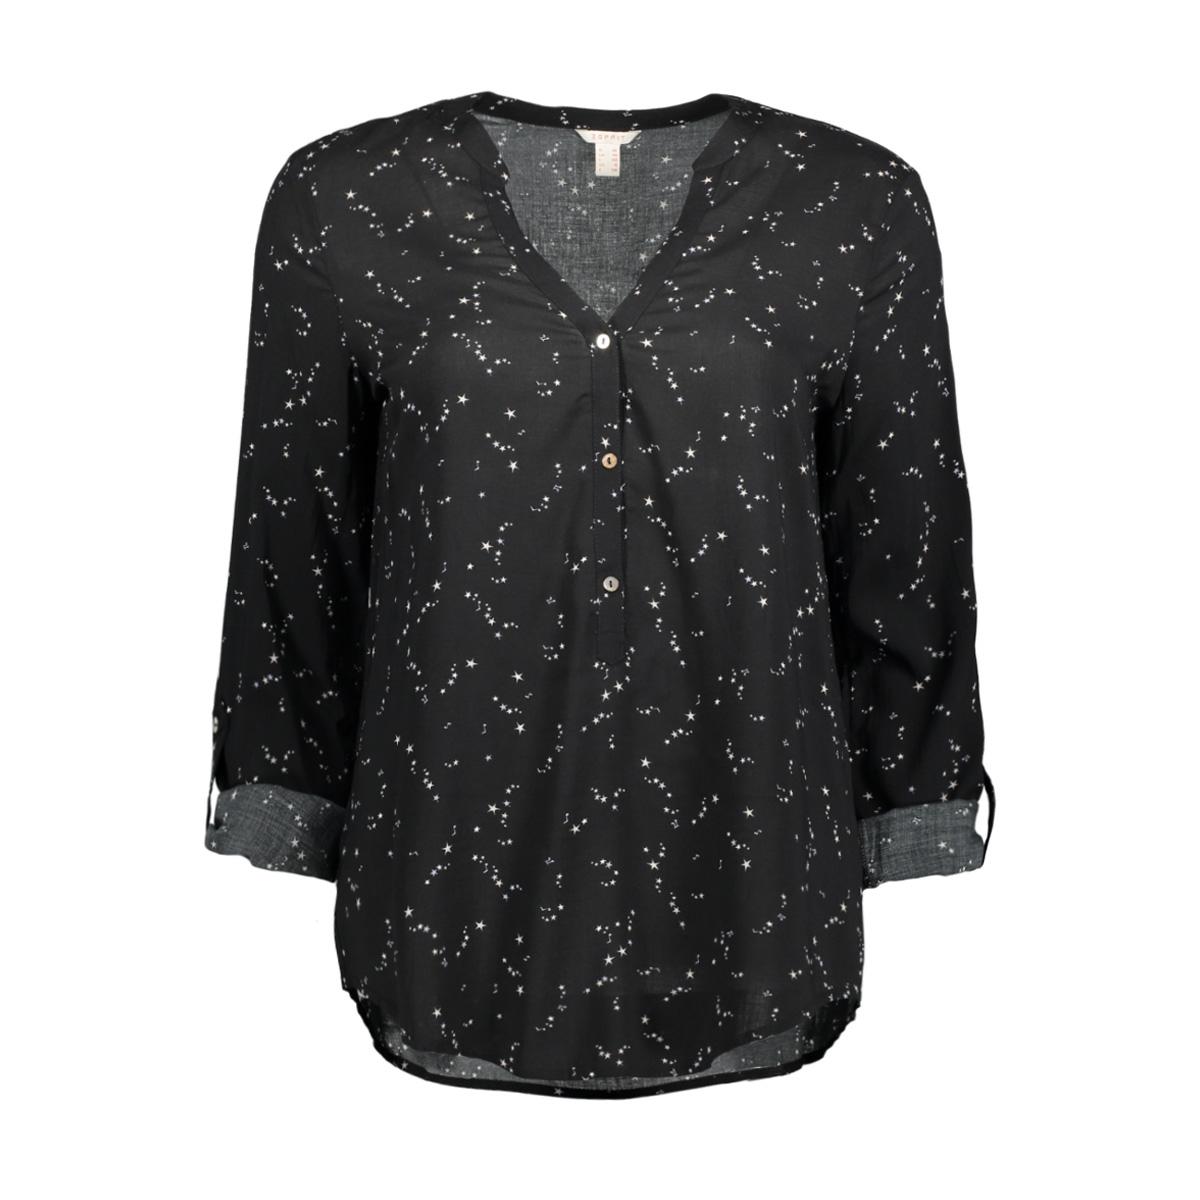 097ee1f011 esprit blouse e001